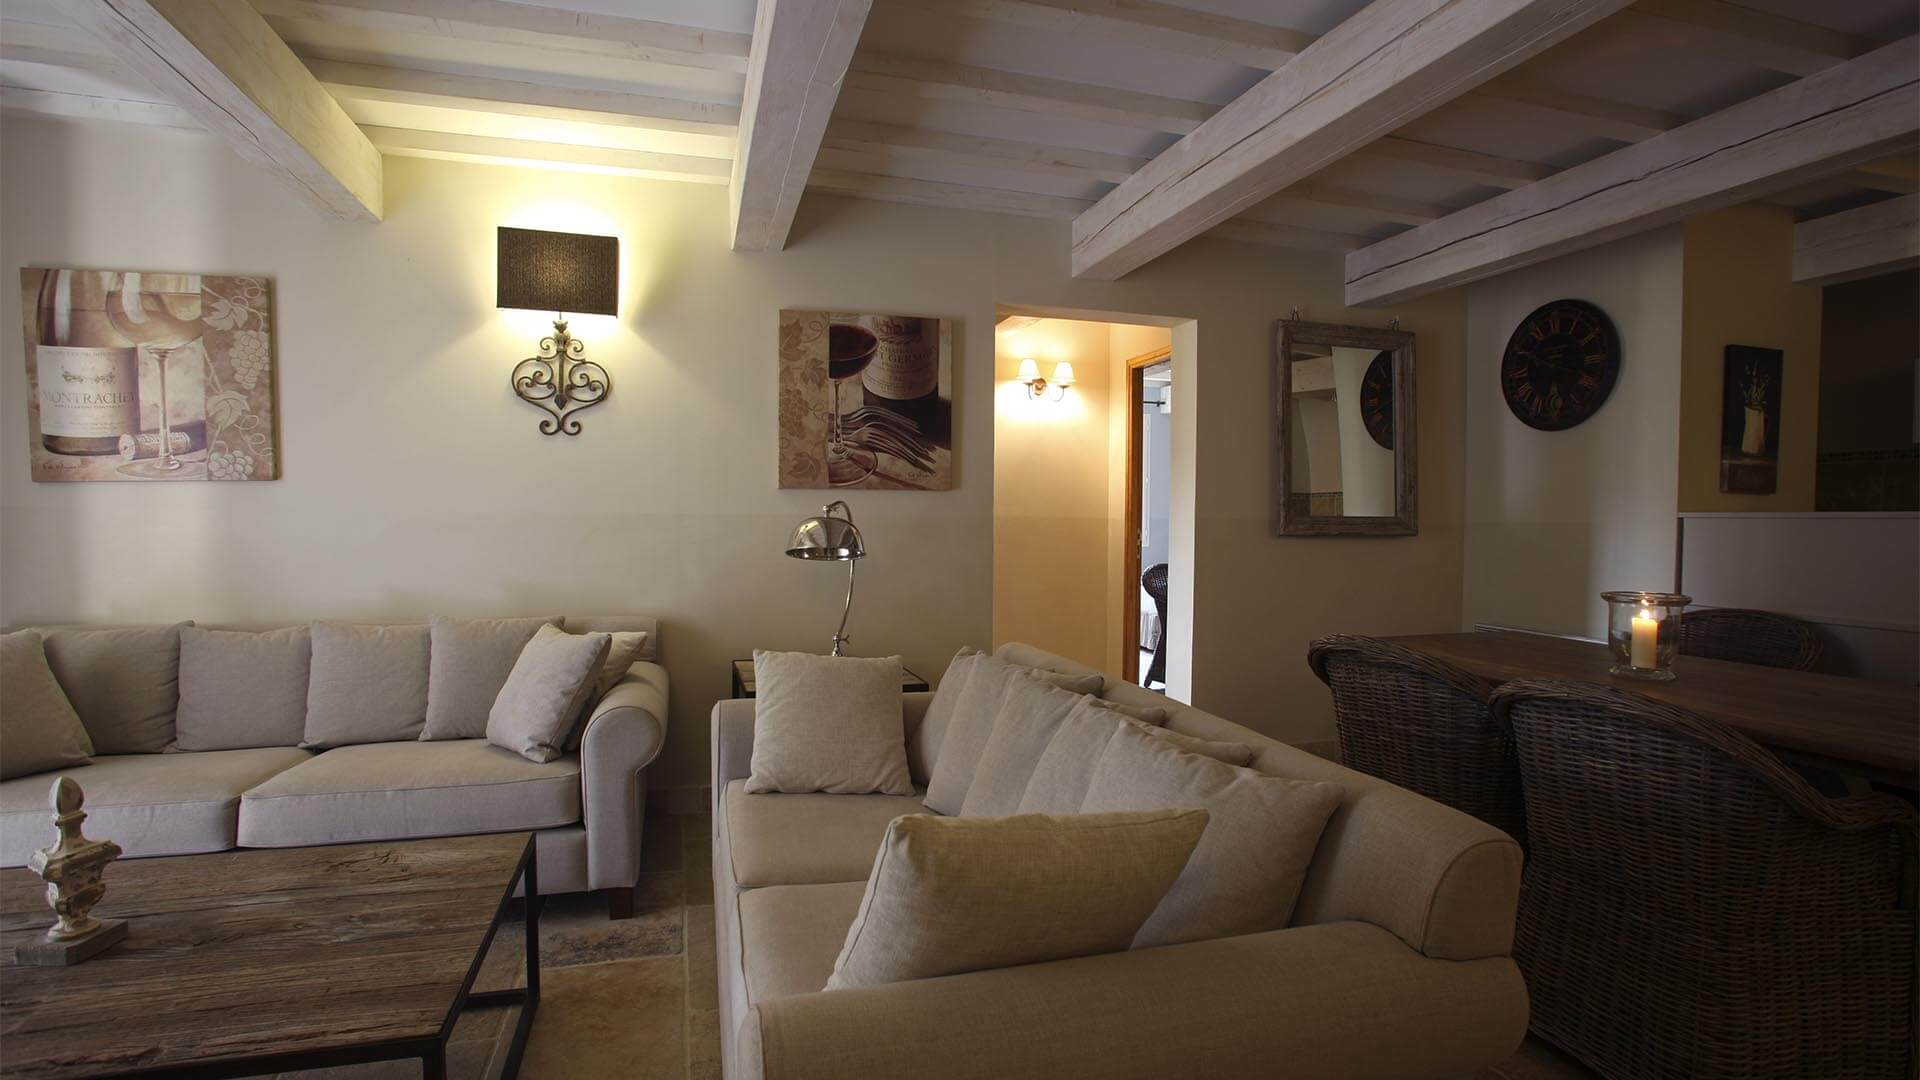 Location vacances Provence | Appartement le jas des collines | Salon, salle à manger